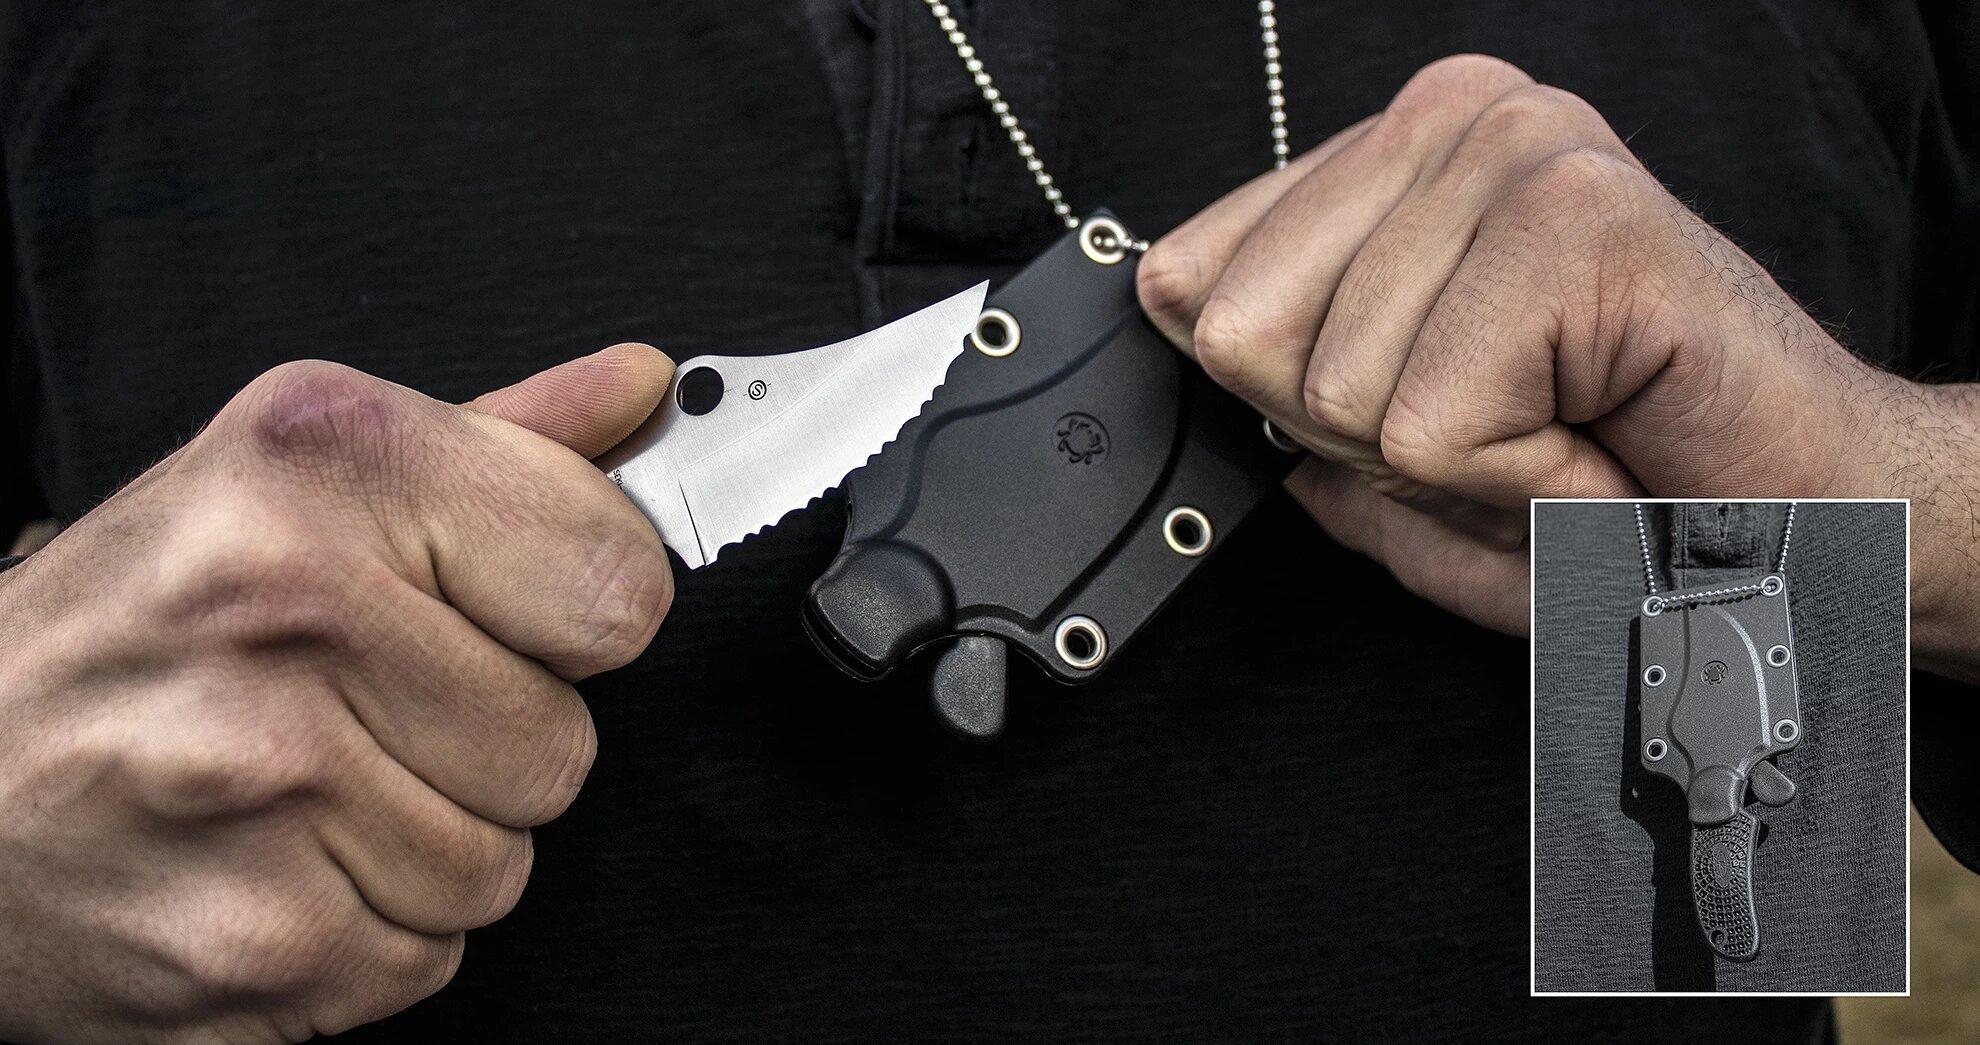 Фото 9 - Нож с фиксированным клинком ARK (Always Ready Knife) Spyderco FB35SBK, сталь H1 Satin Serrated (SpyderEdge™), рукоять термопластик FRN, чёрный